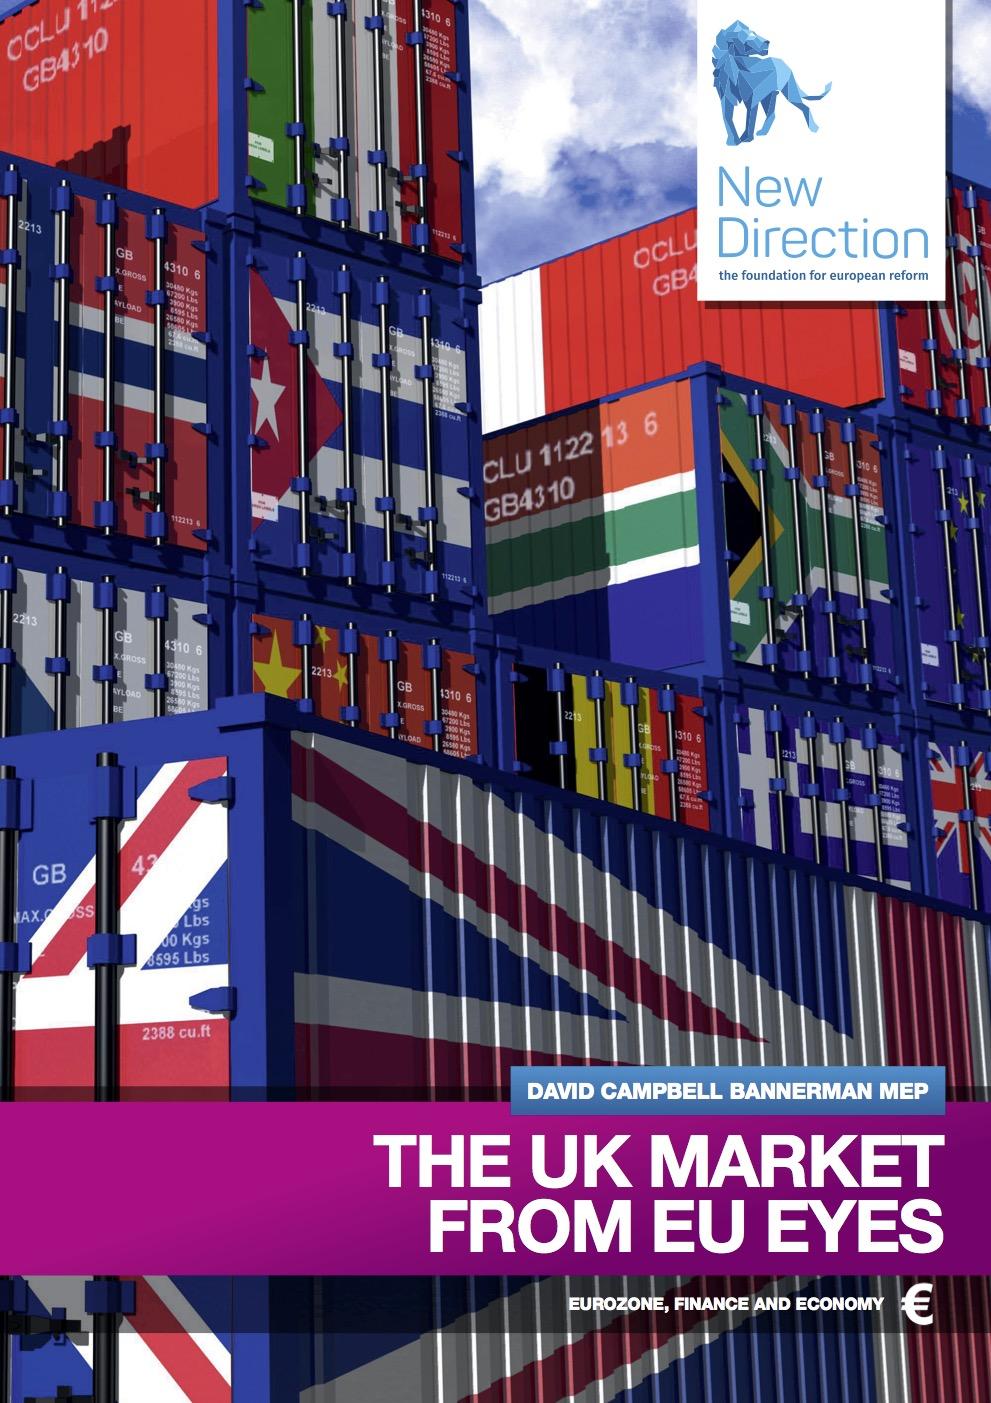 The UK market from EU eyes